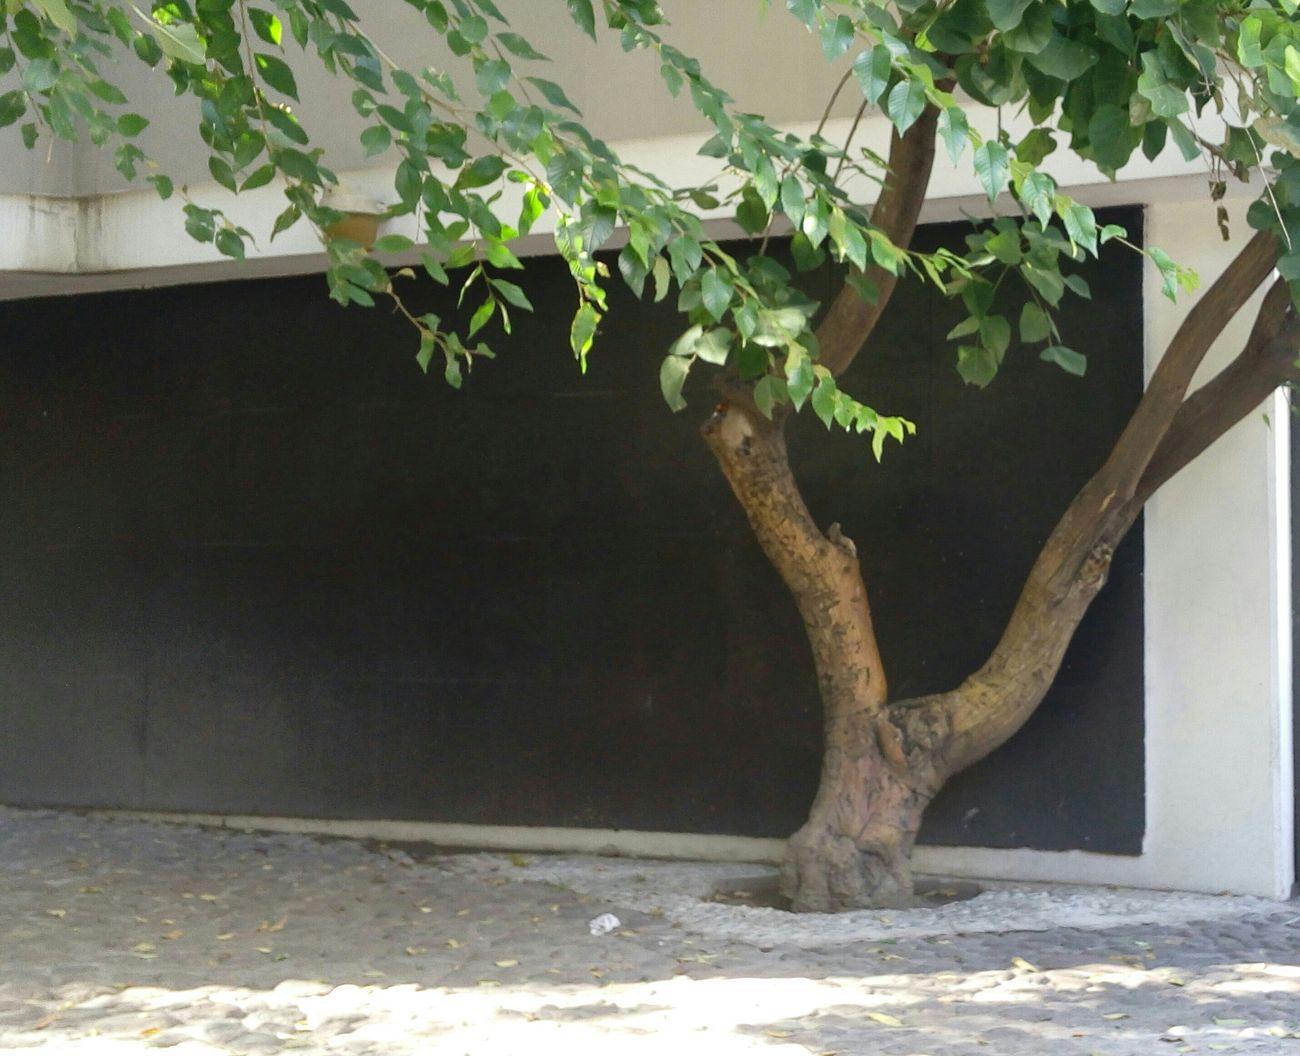 Dando El Rol Calles En Ruinas Esto Es Mexico el árbol vigila la calle...